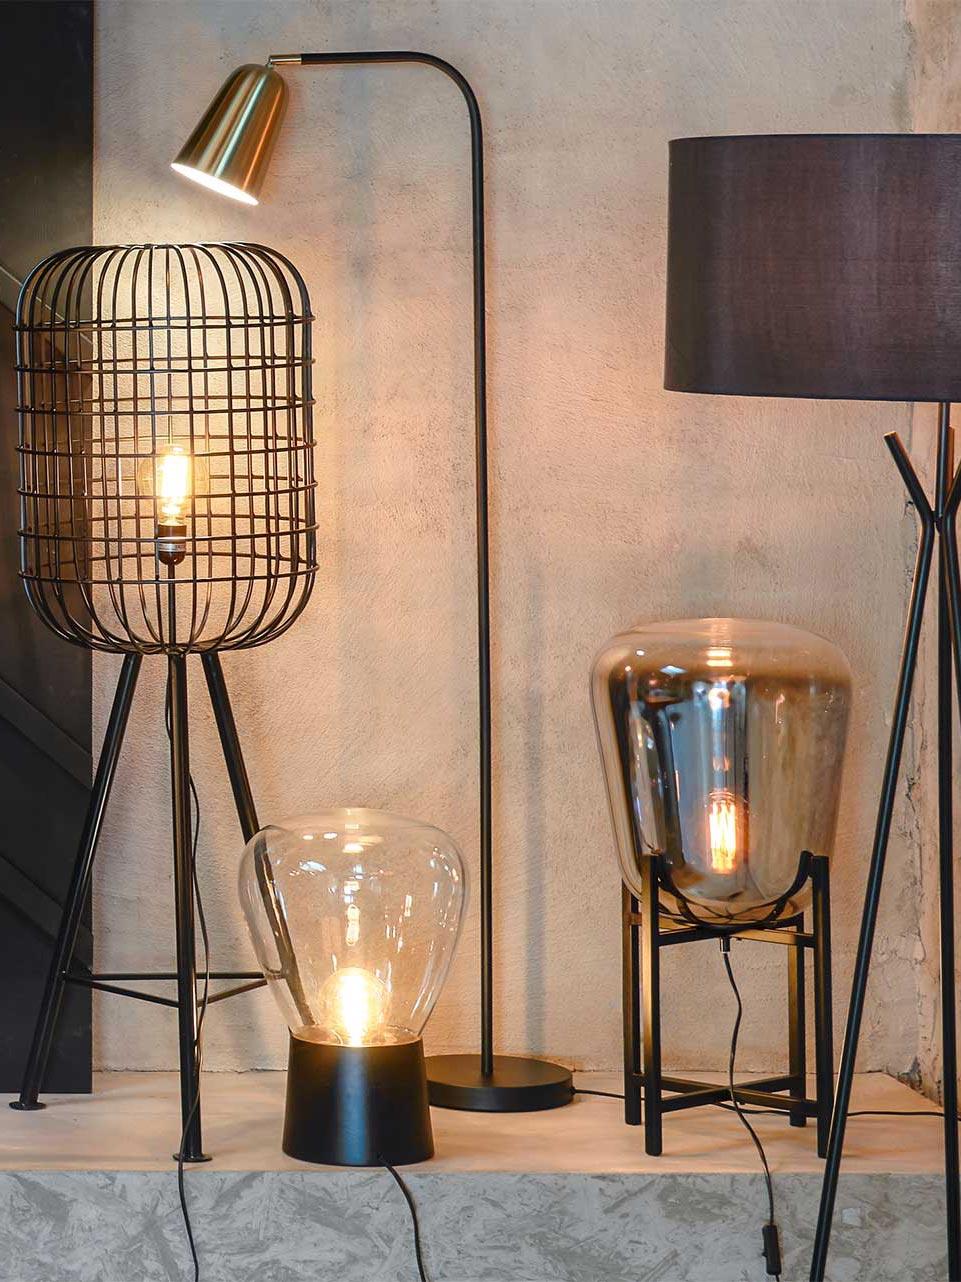 Full Size of Wohnzimmer Lampe Stehend Led Holz Klein Ikea Lampen Und Leuchten Online Kaufen Pfister Freistehende Küche Hängelampe Sofa Kleines Beleuchtung Deckenlampen Wohnzimmer Wohnzimmer Lampe Stehend